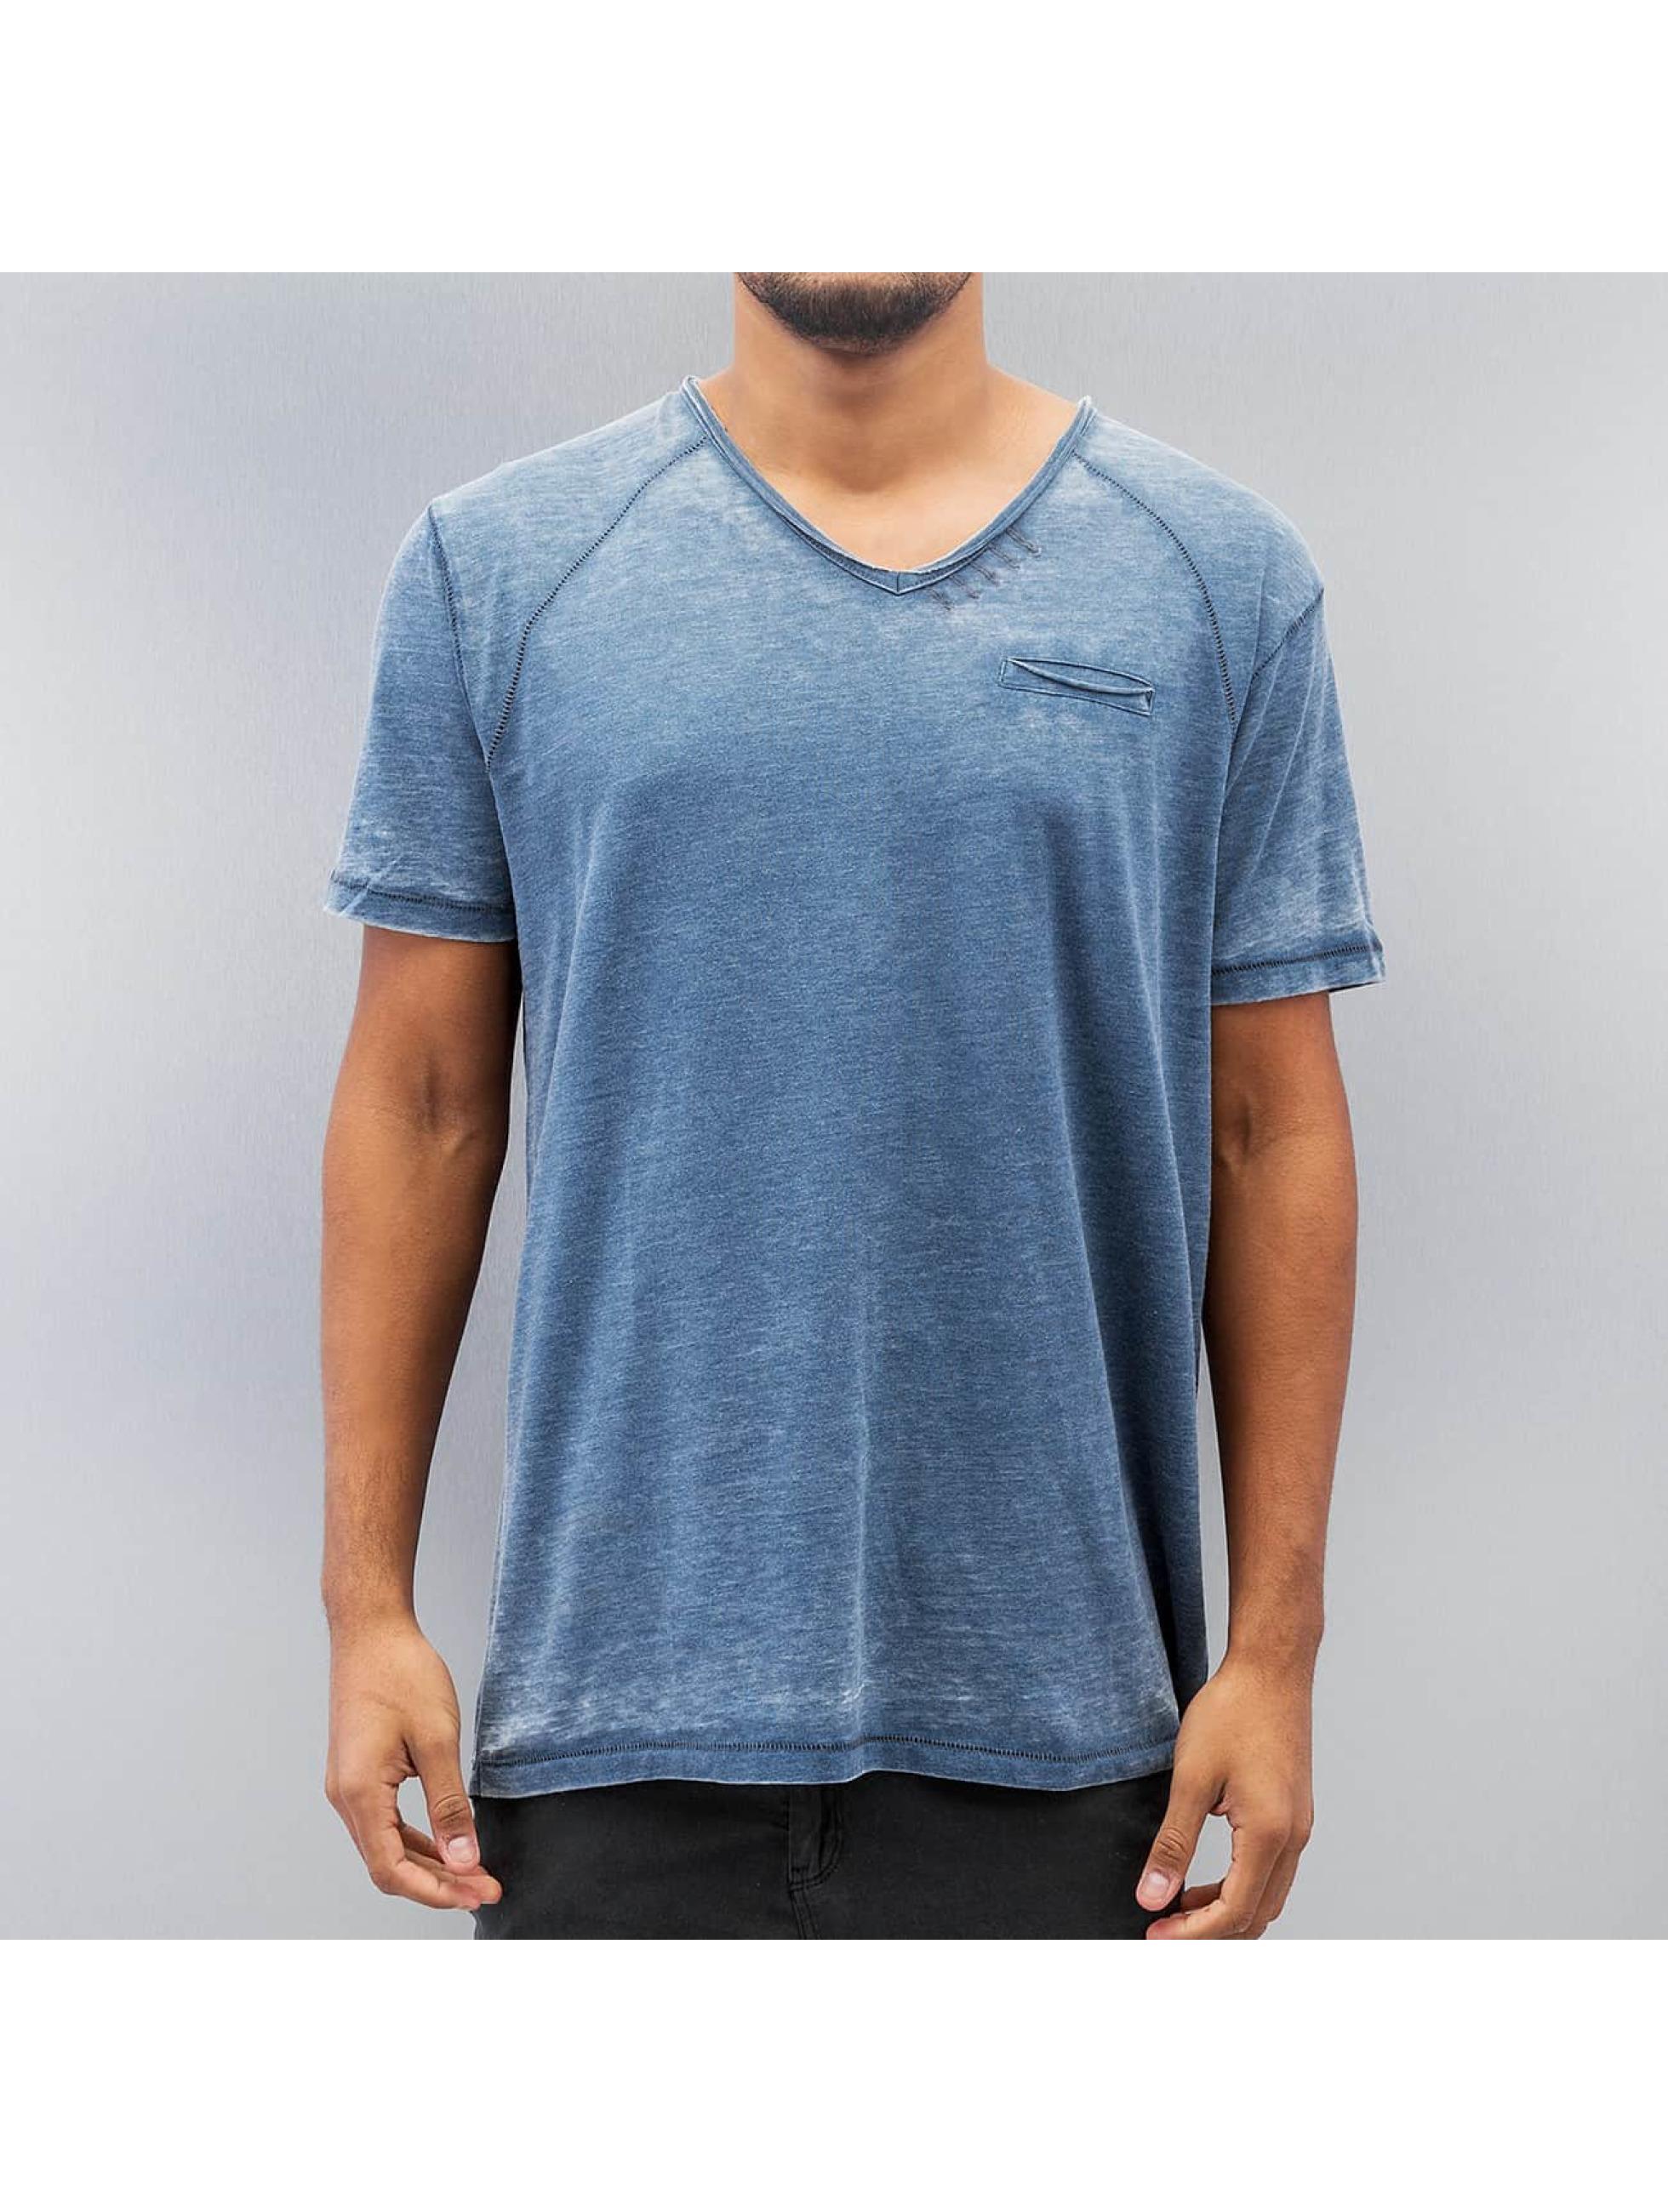 SHINE Original T-Shirt Burn Out Effect bleu